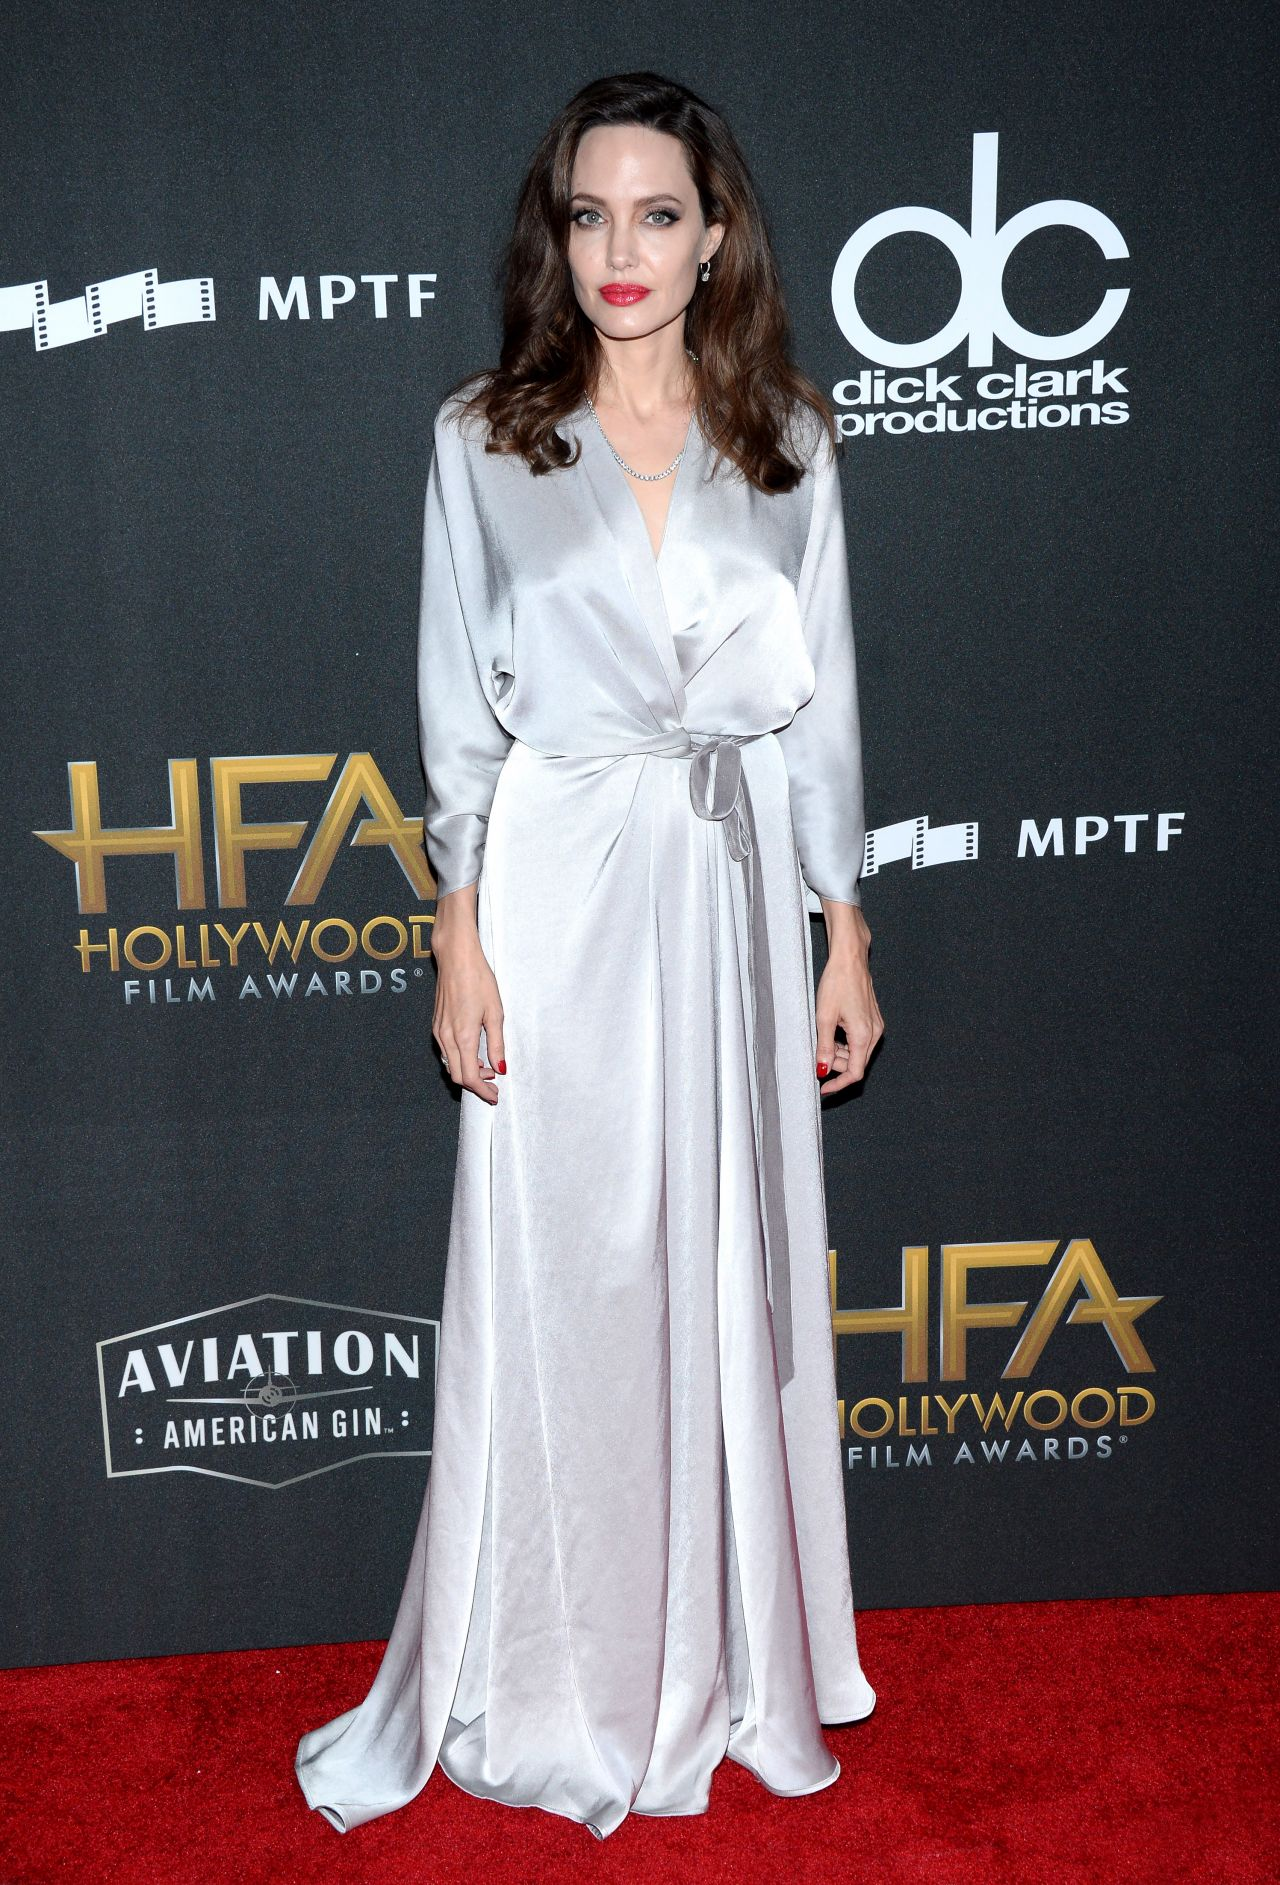 Слишком фривольно: образ А. Джоли в халате и без белья - удивил фанатов